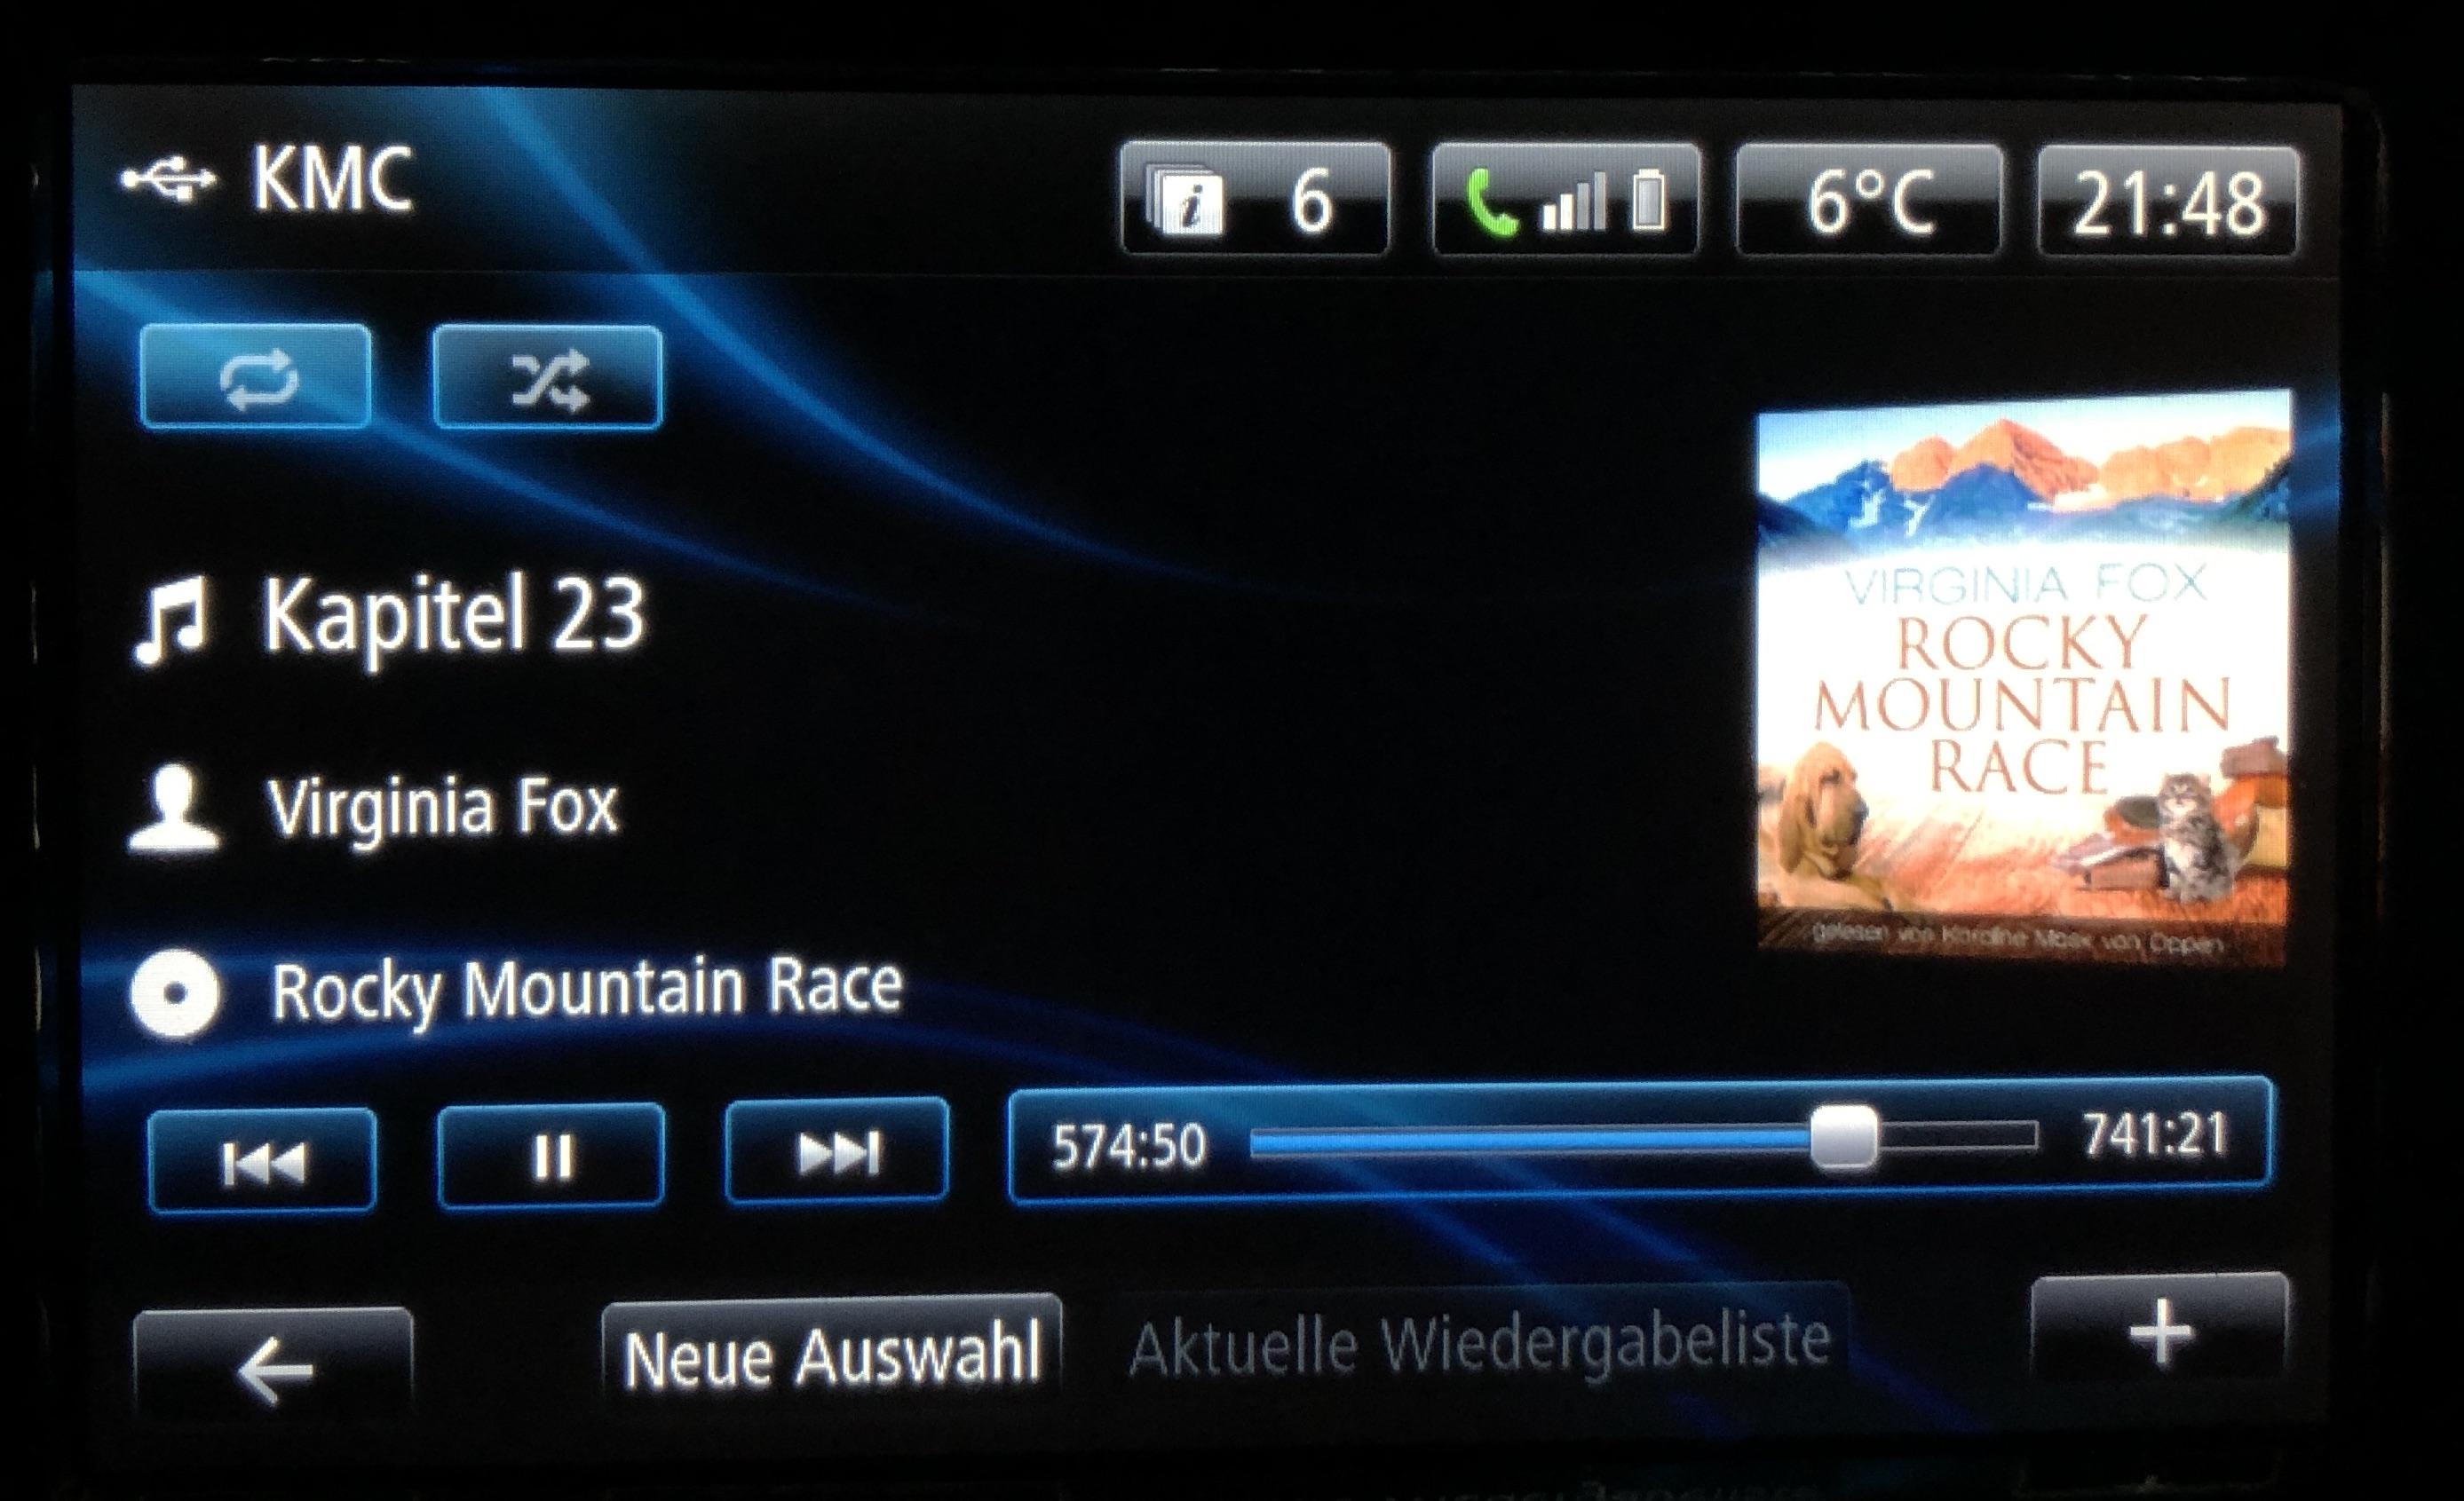 Foto von der digitalen Anzeige des Hörbuchs: Rocky Mountain Race von Virginia Fox in meinem Auto.